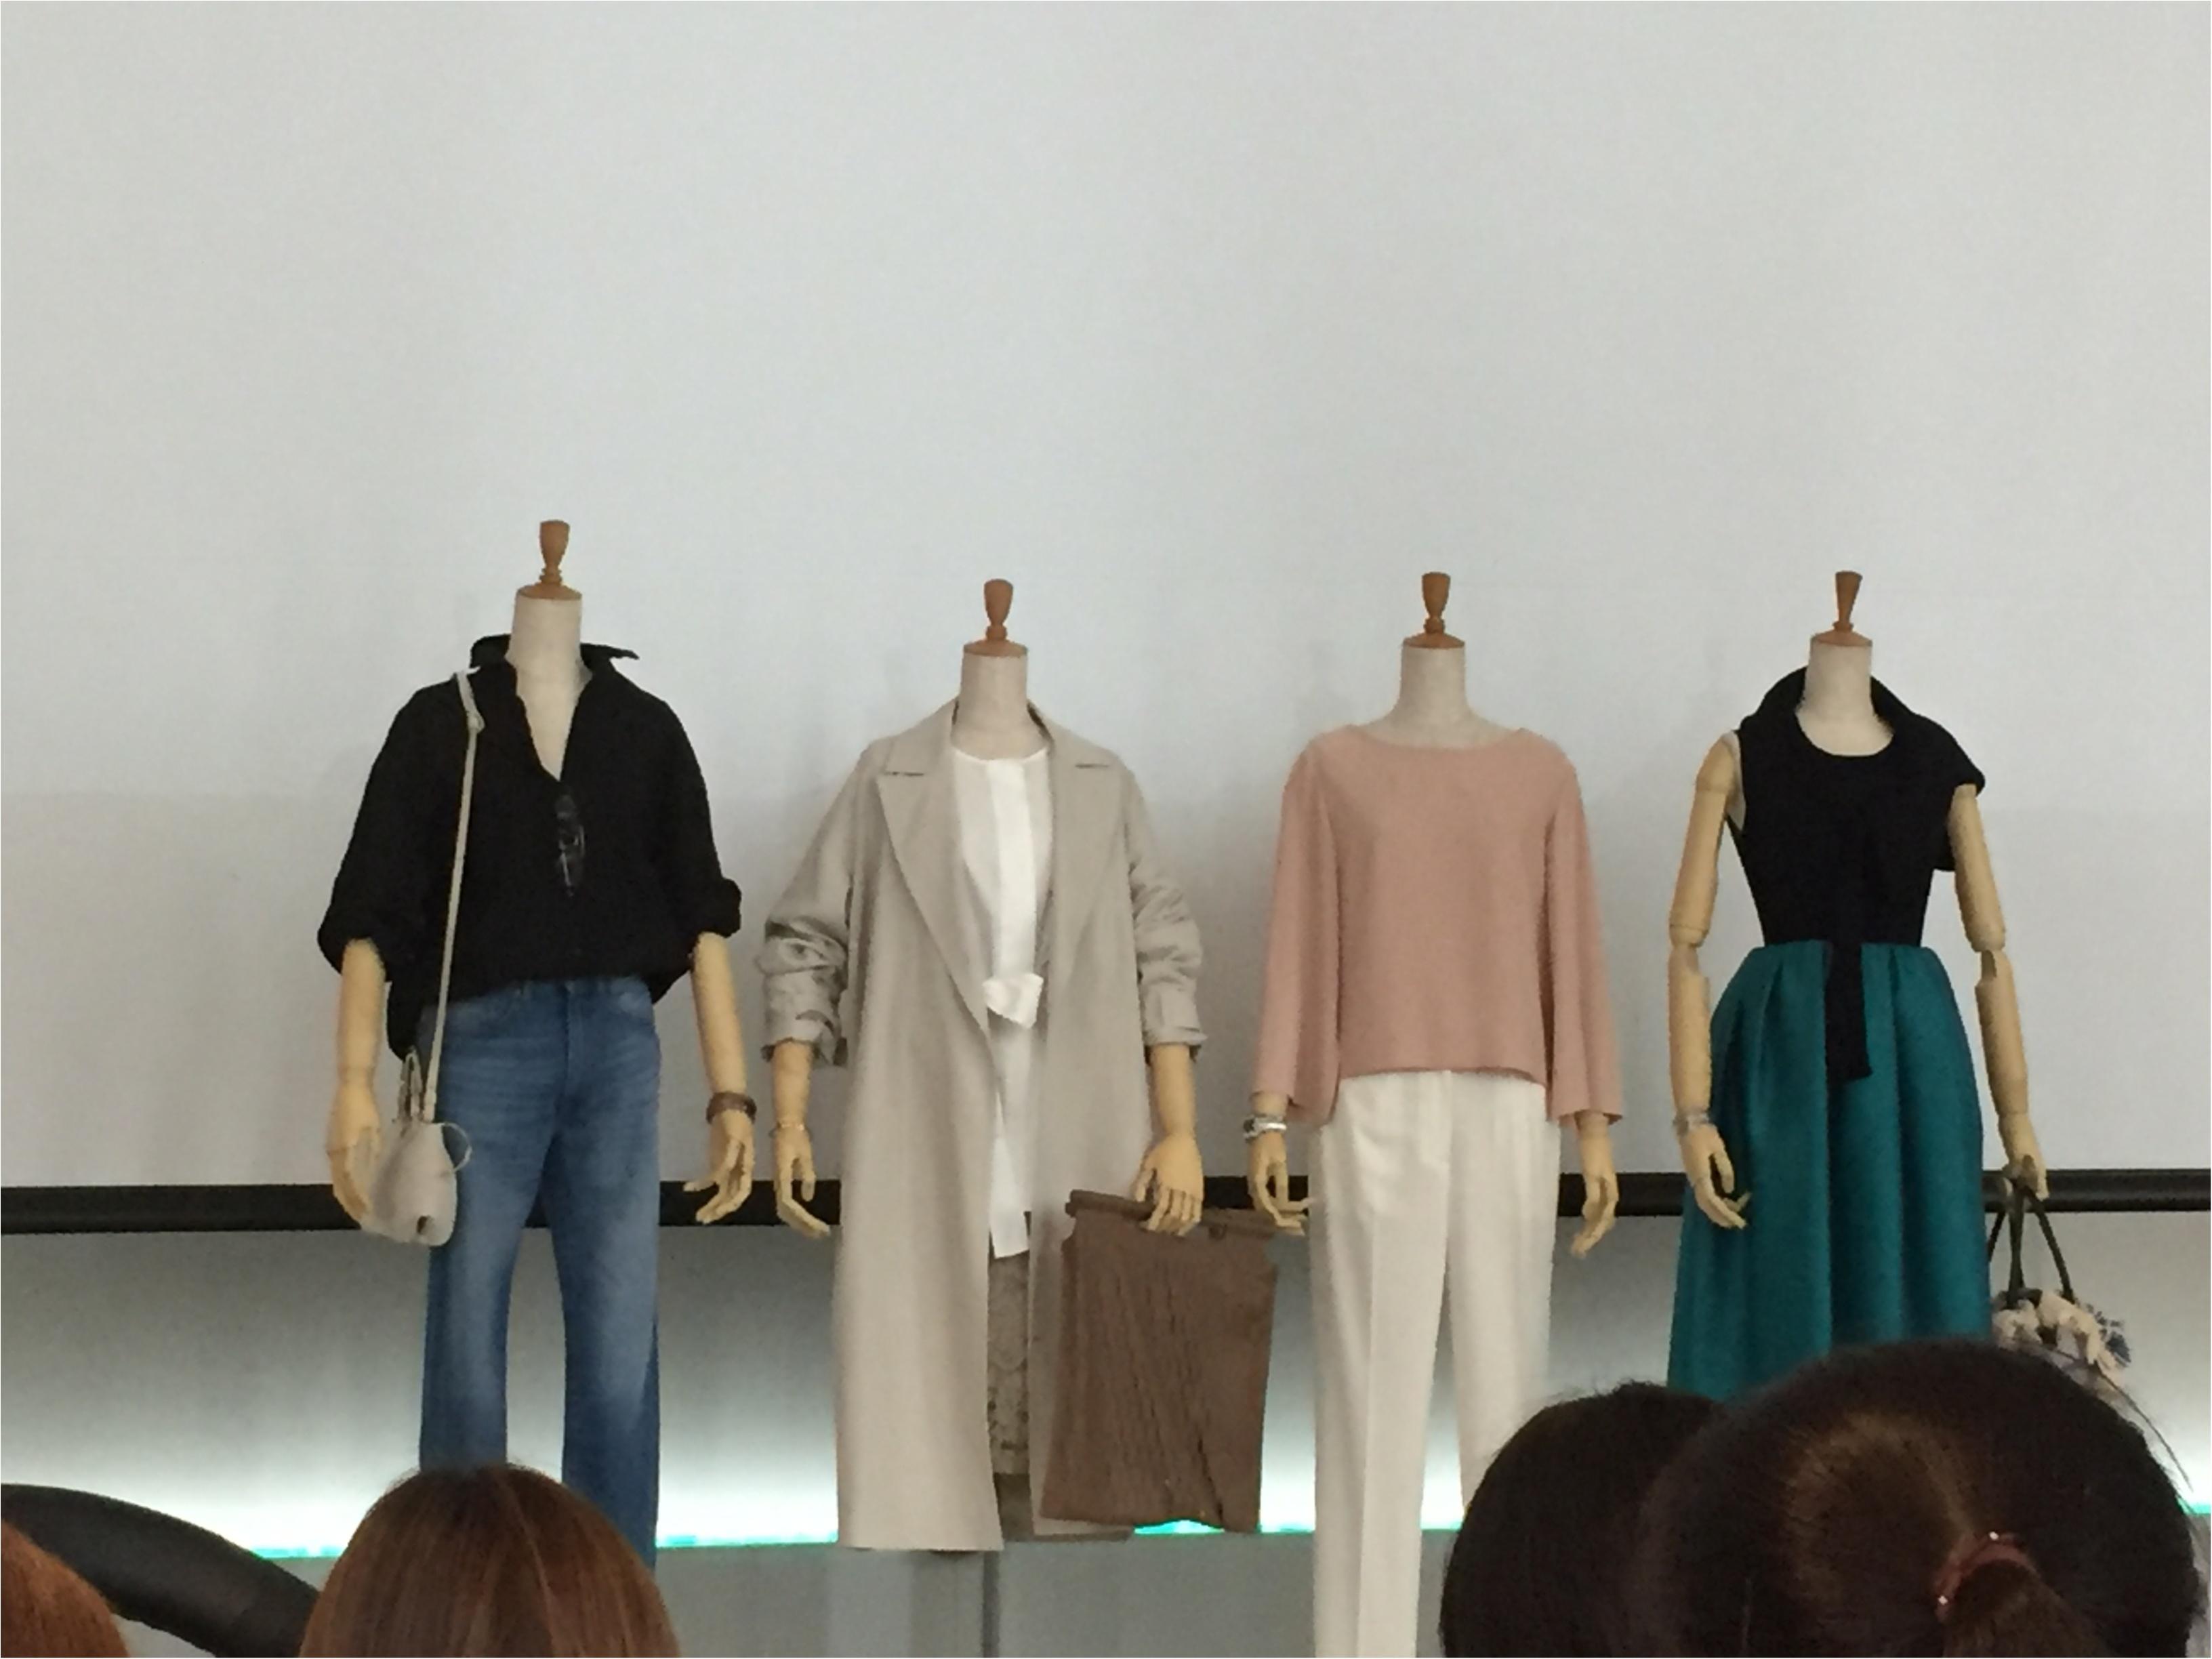 「ベーシック服をおしゃれに着こなす術」を学ぶ!グランフロント大阪で、キラめくワタシをプロデュースしよう!_2